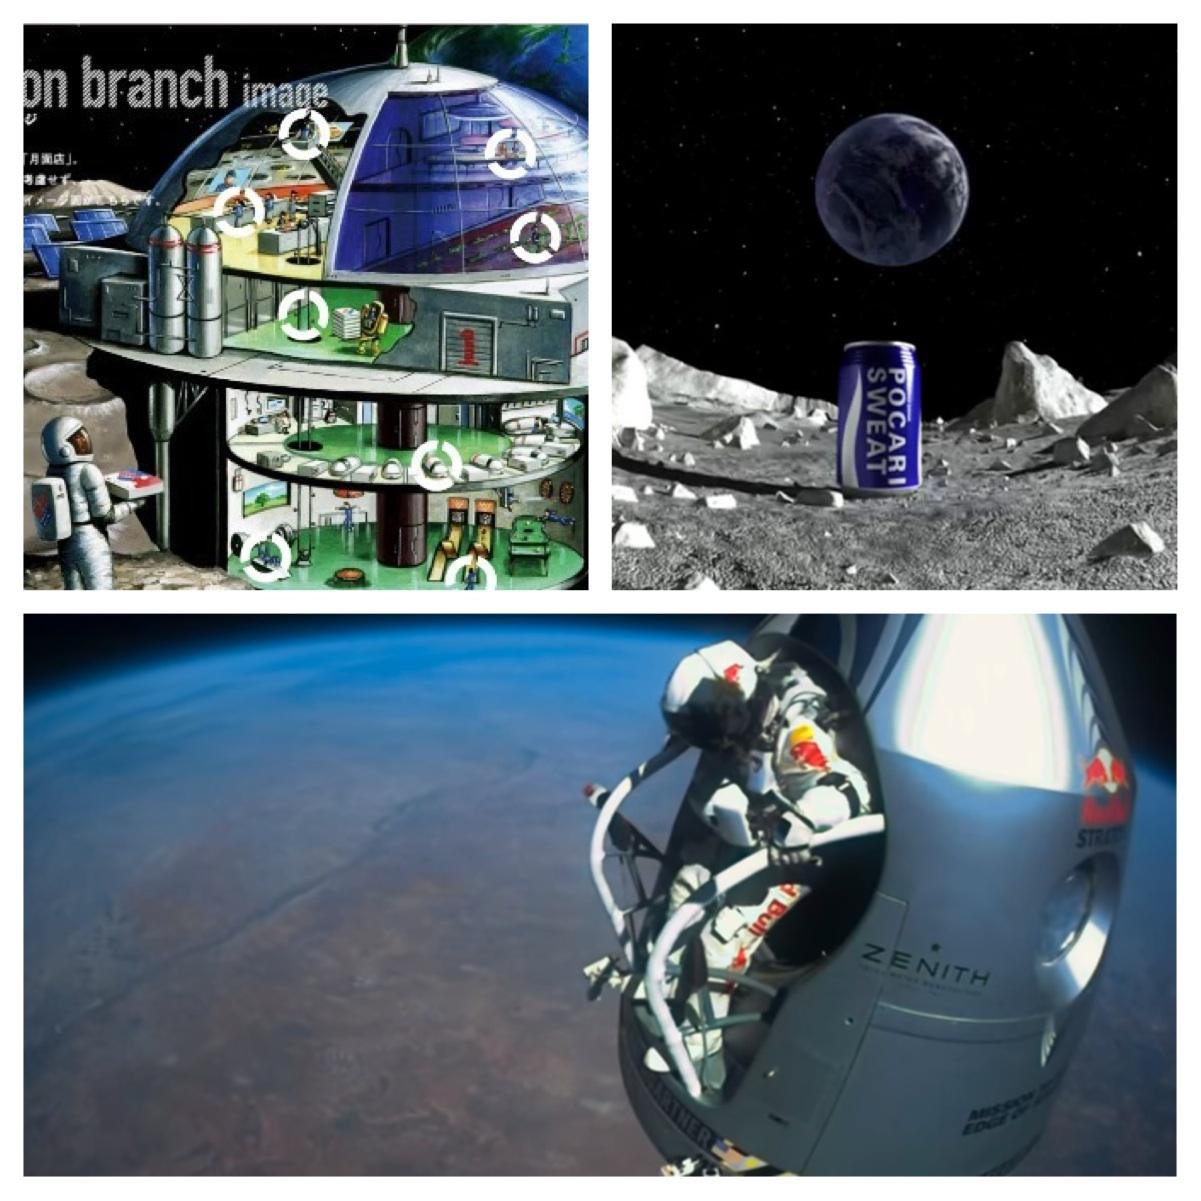 講到上外太空,3種品牌卻能呈現3種不同的面向,這就是品牌!!